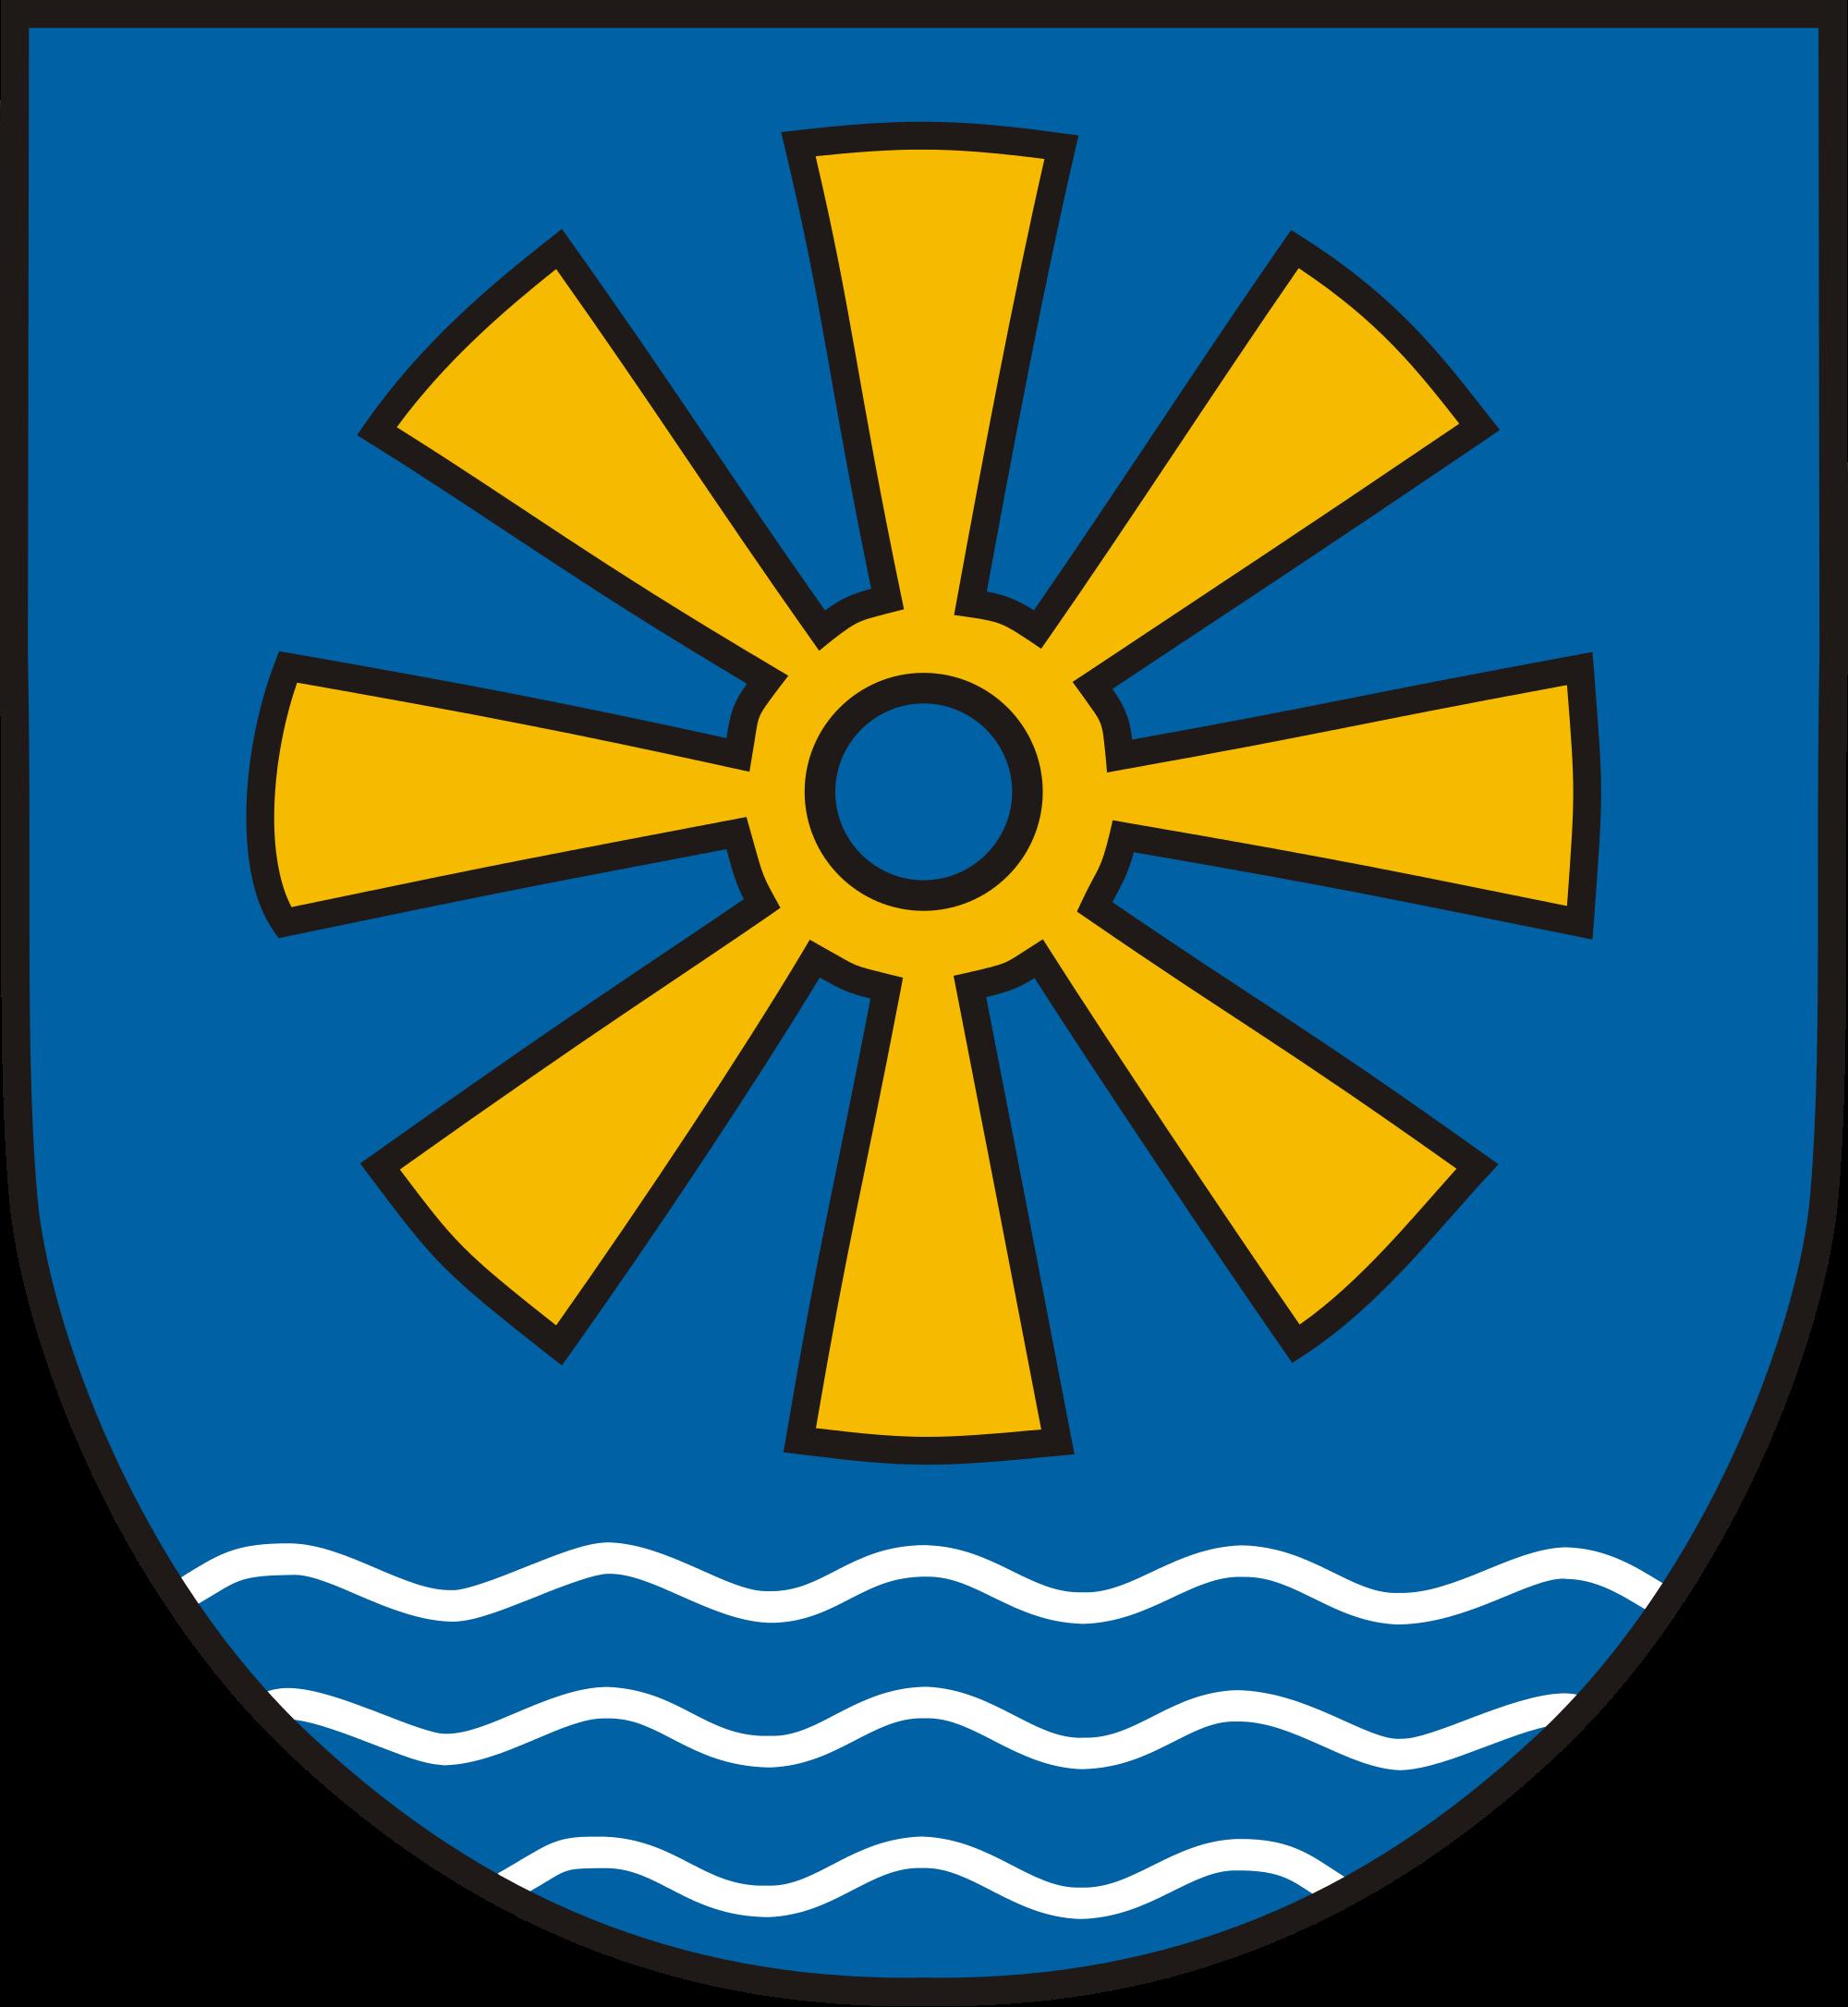 File:Bodenseekreis Wappen.svg.